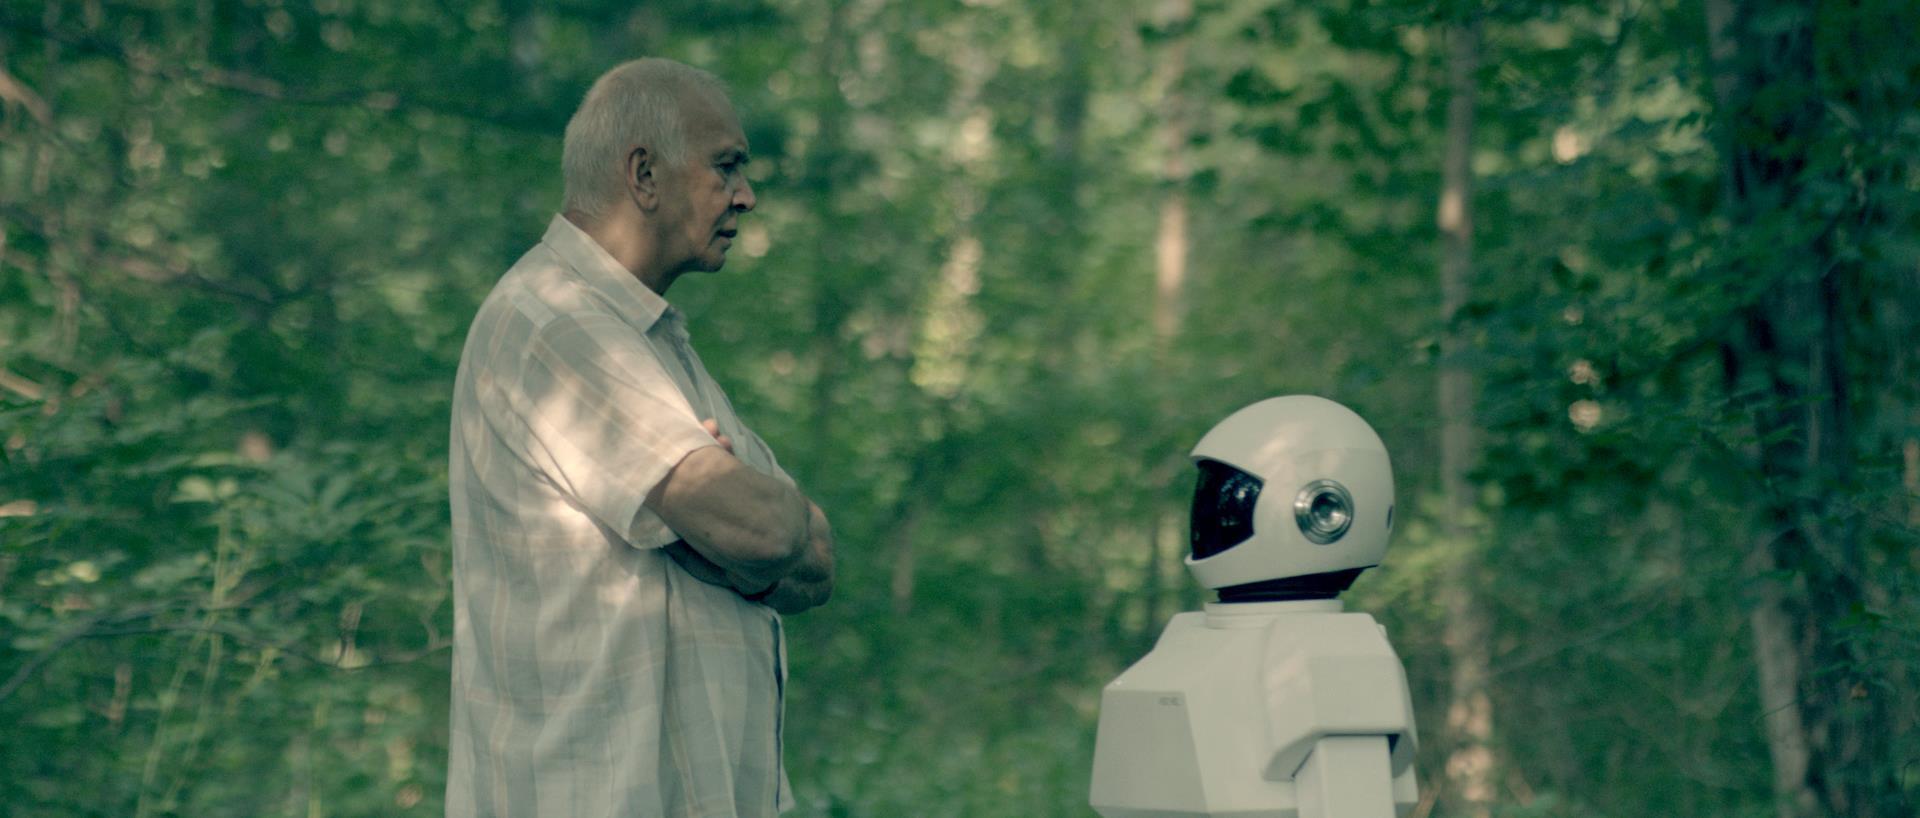 кадры из фильма Робот и Фрэнк Фрэнк Ланджелла, Питер Сарсгард,